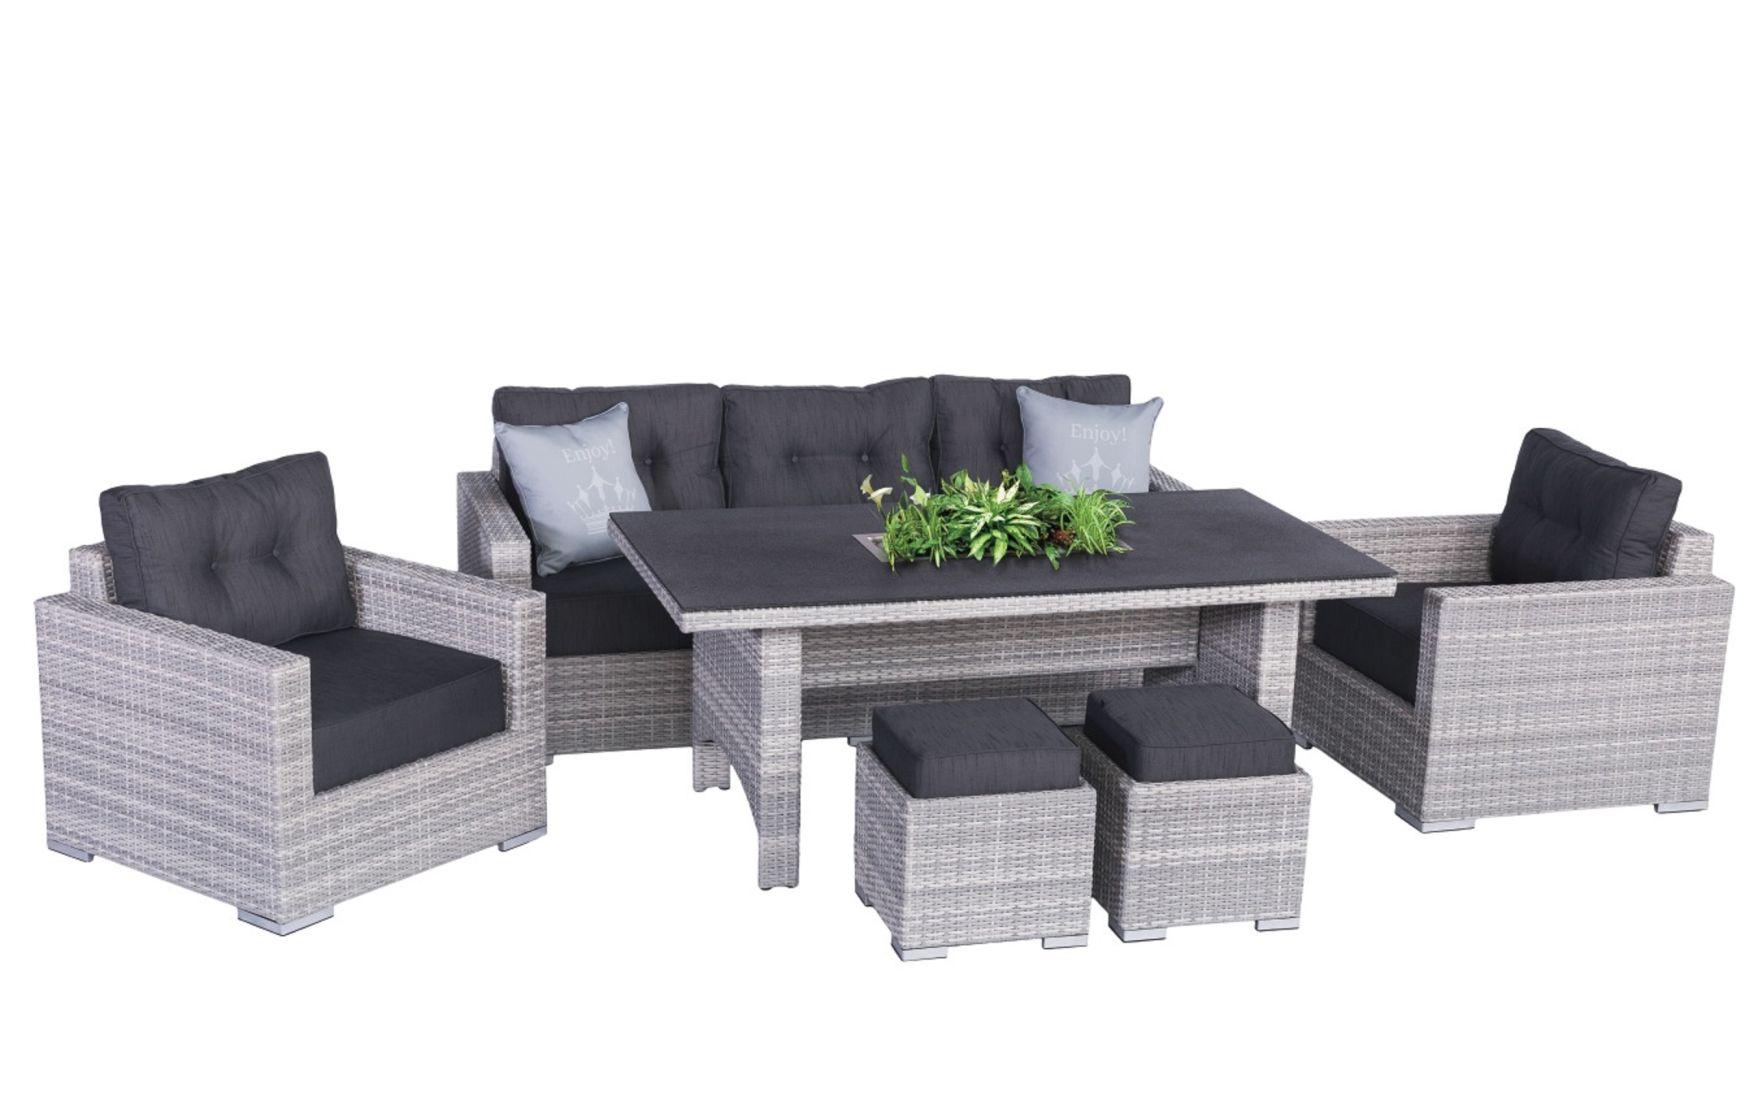 sardino ice polyrattan lounge gartenm bel set inkl einsatz lounge m bel garten. Black Bedroom Furniture Sets. Home Design Ideas